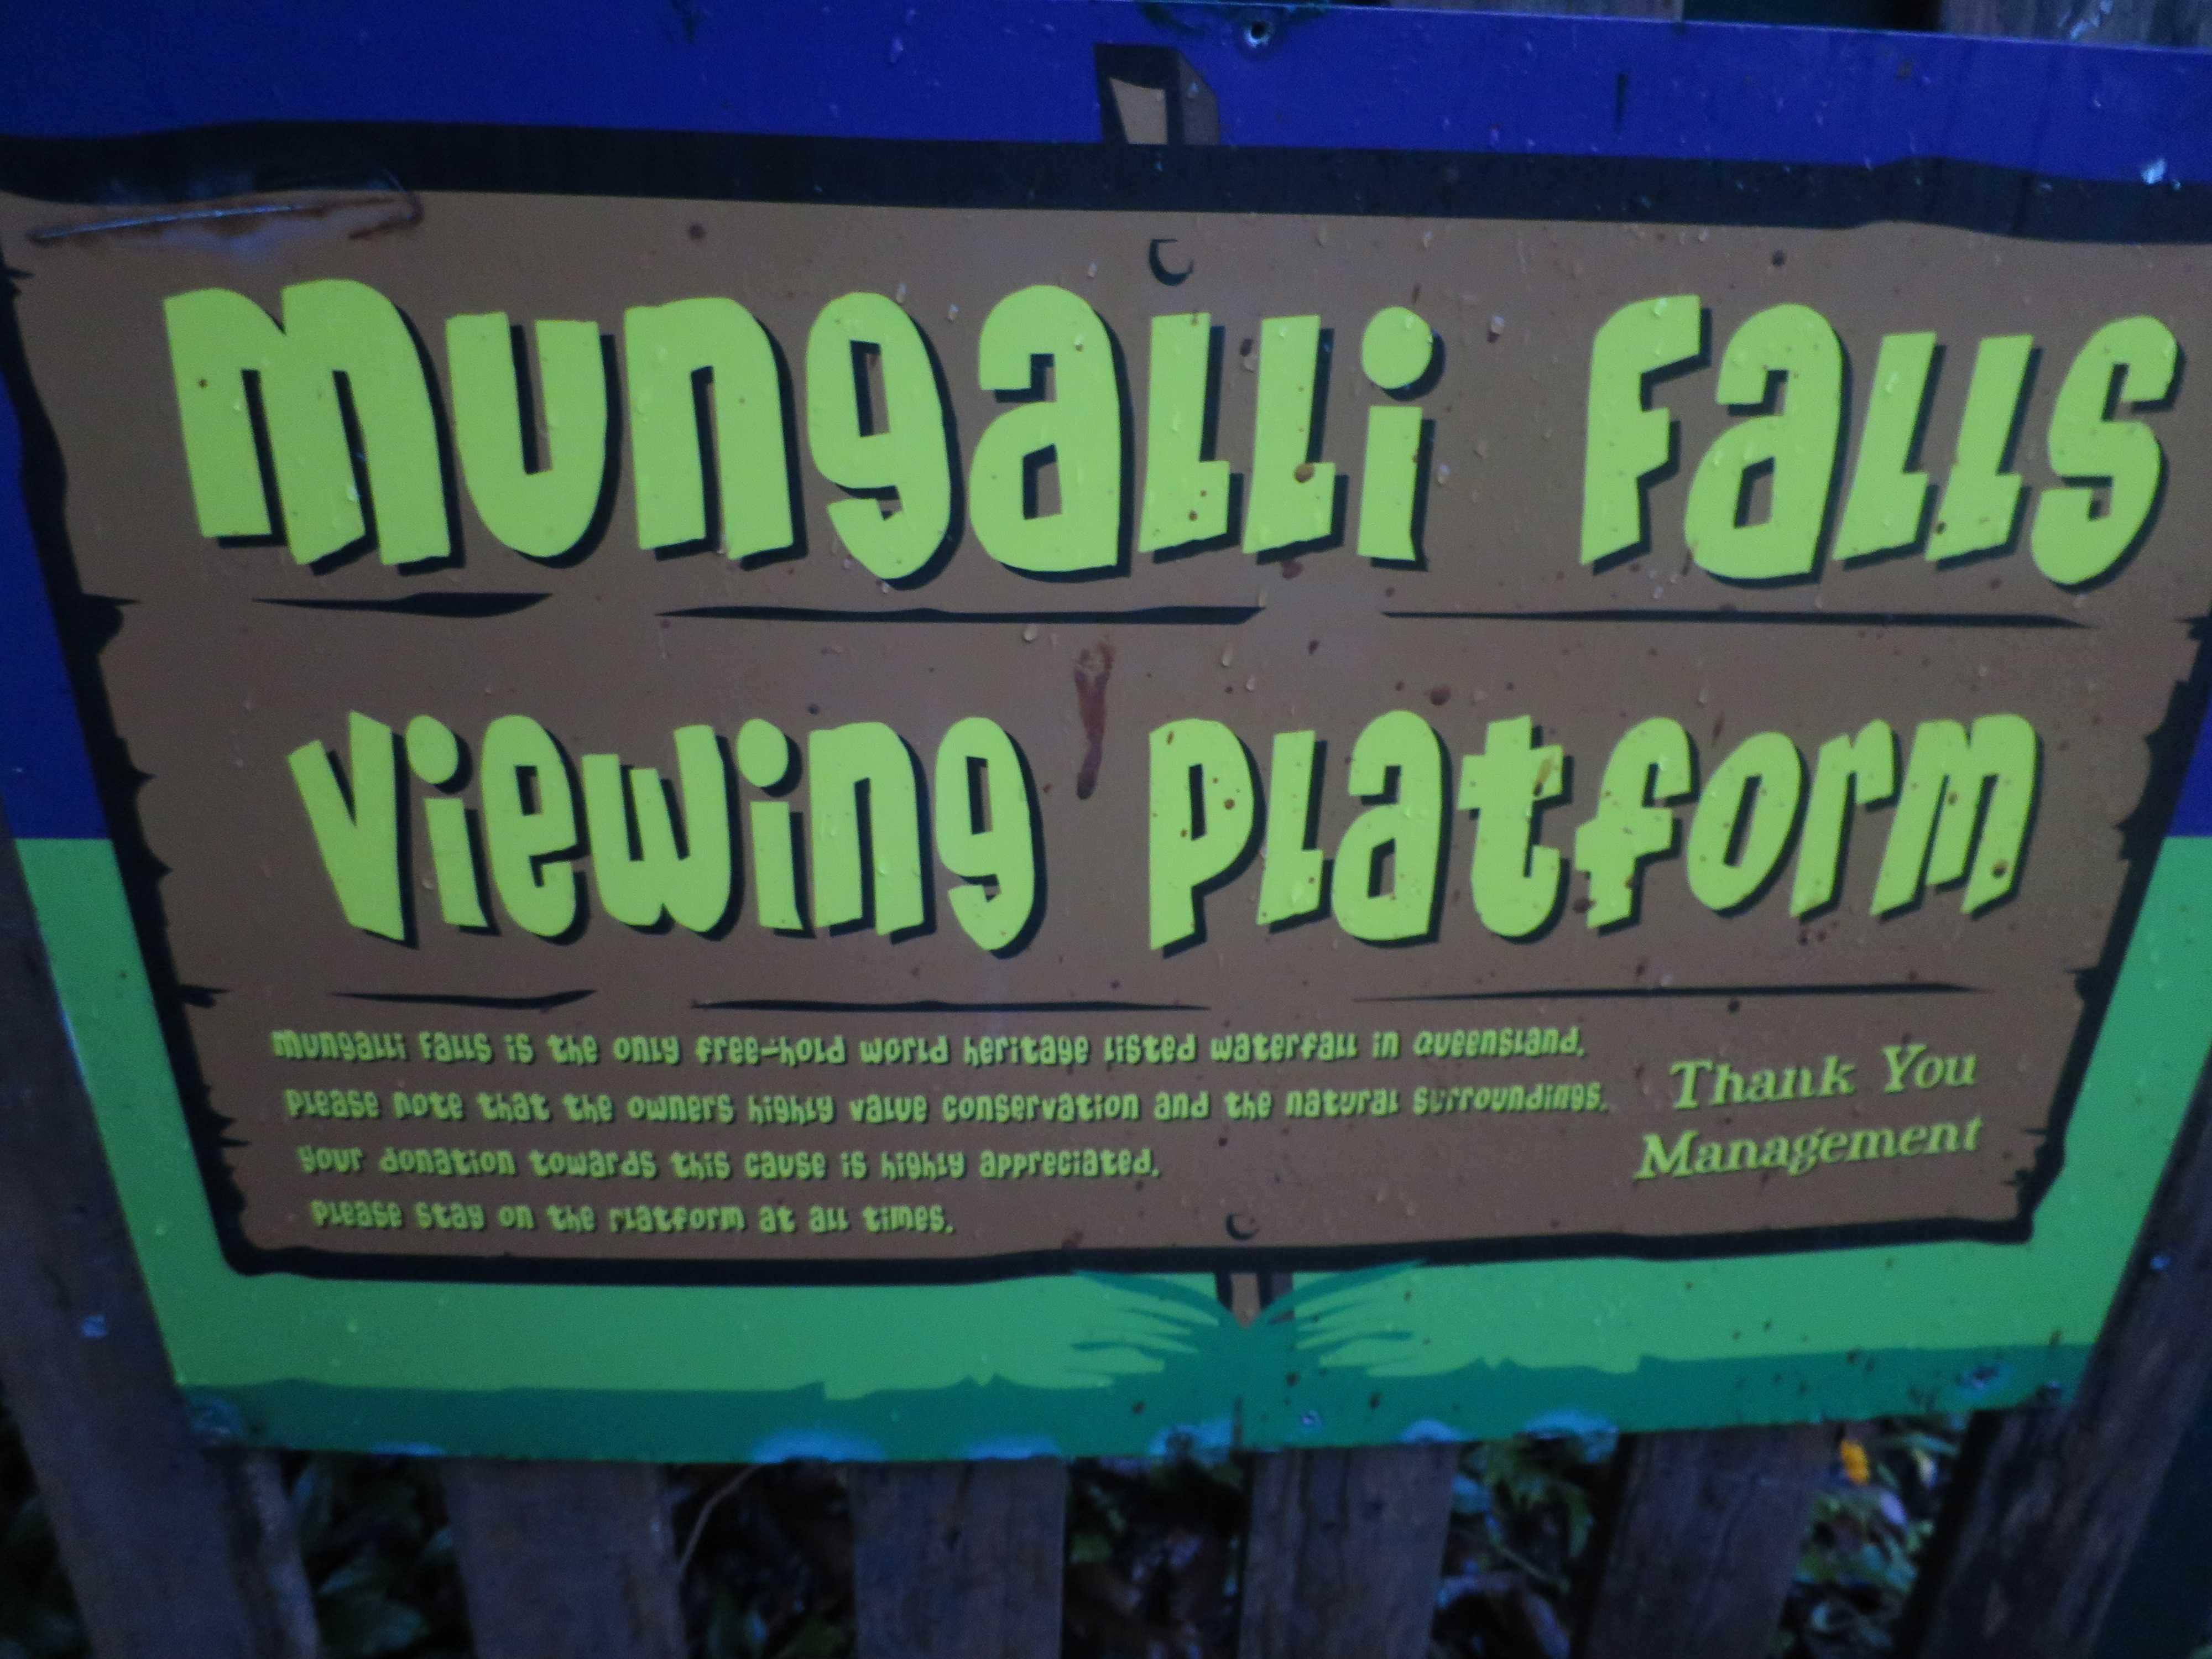 マンガリーフォールズ / Mungalli Falls